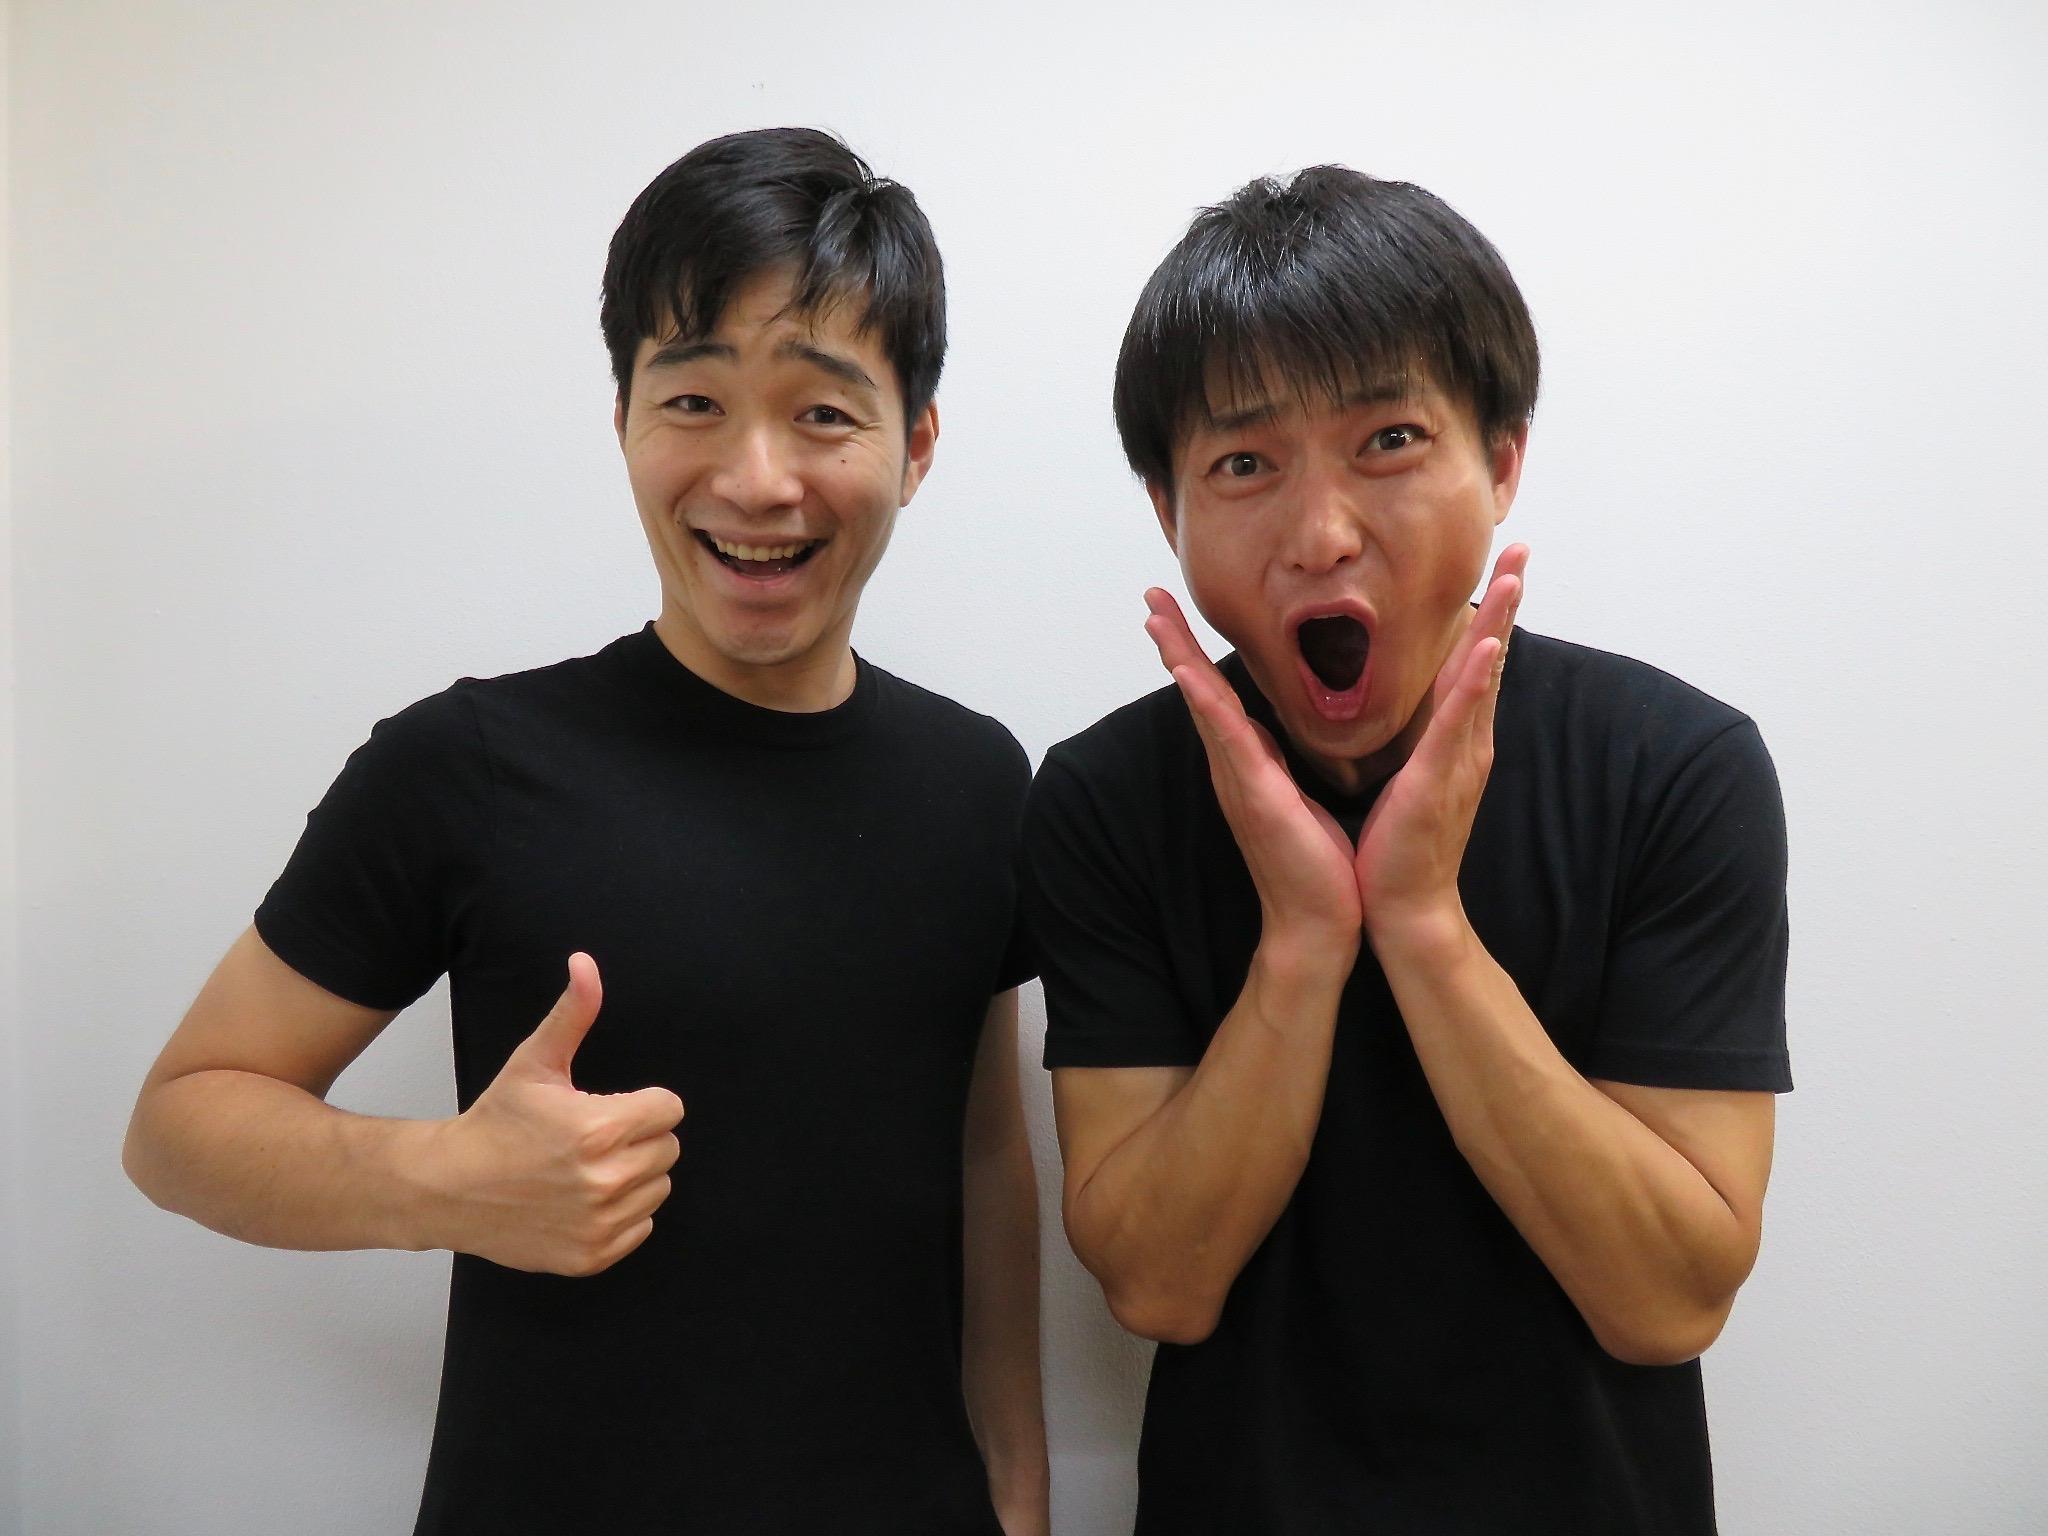 http://news.yoshimoto.co.jp/20181204092247-2eb420171ff4334eddf90eb215efdba11ec51f3e.jpeg